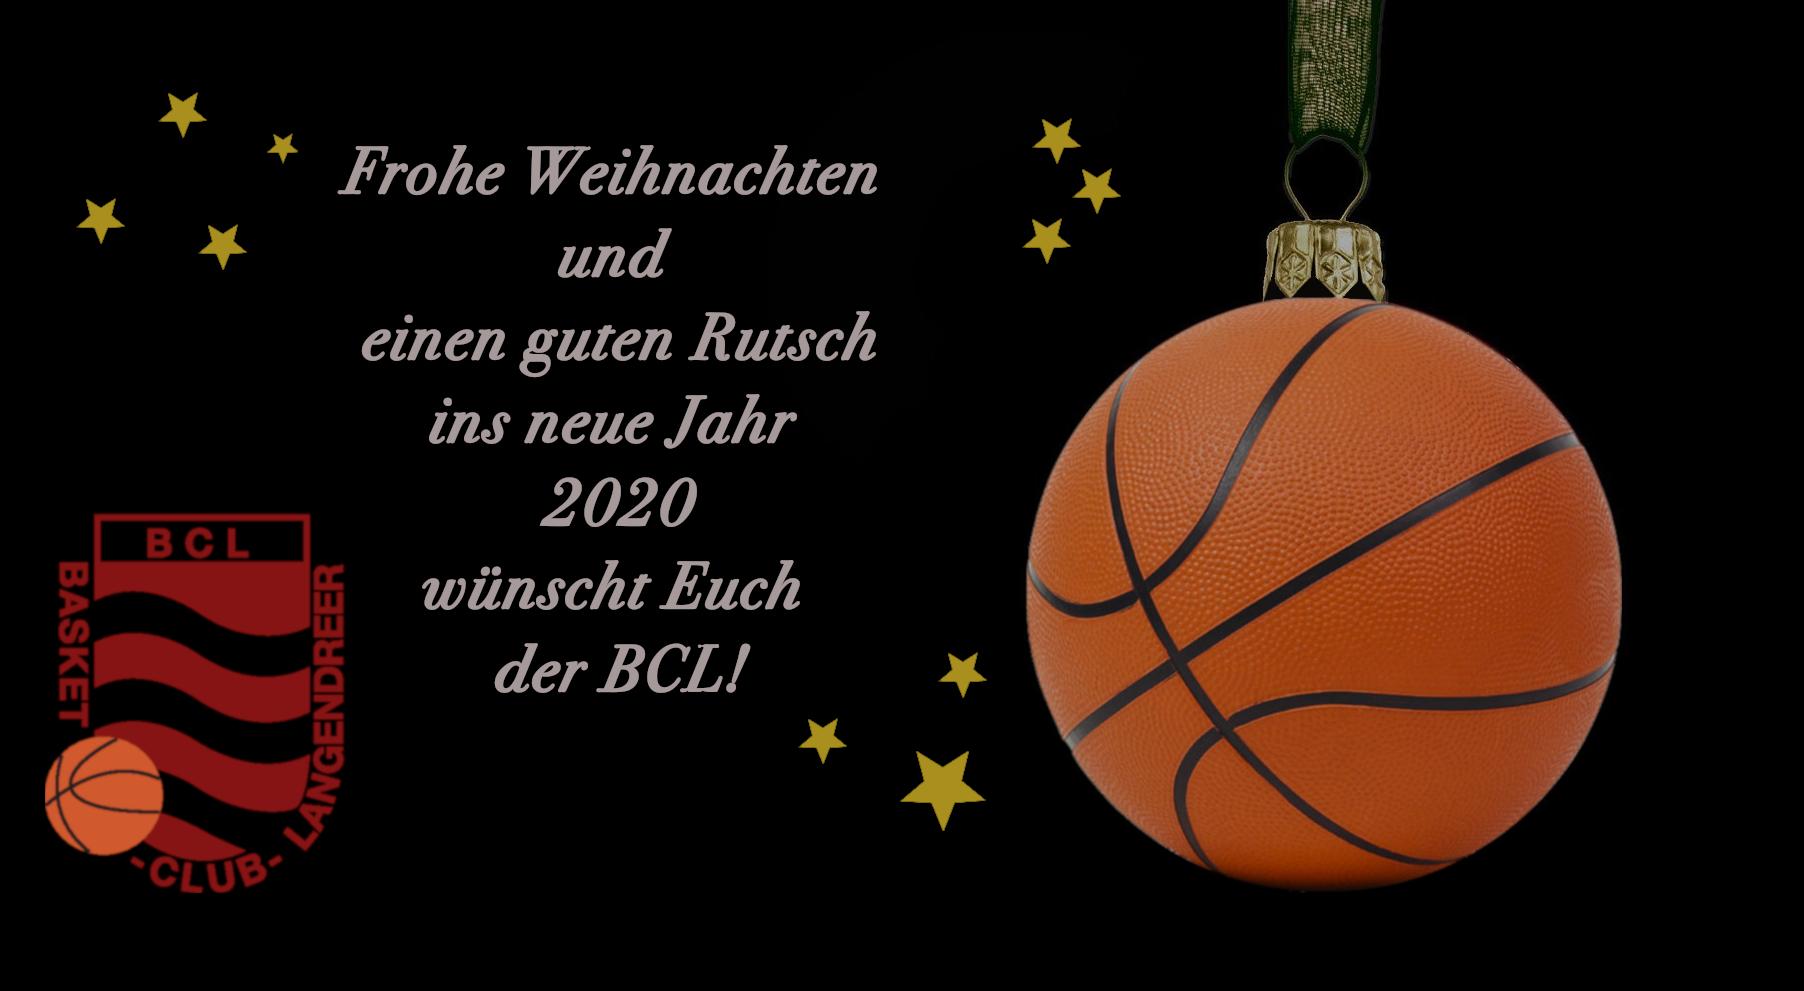 Frohe Weihnachten und einen guten Rutsch in neue Jahr 2020!